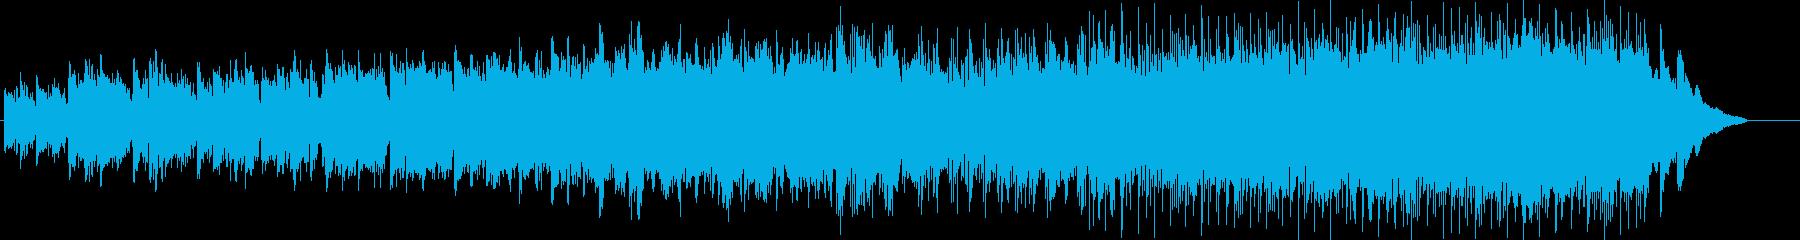 オカリナの憂いが印象的なポップスの再生済みの波形